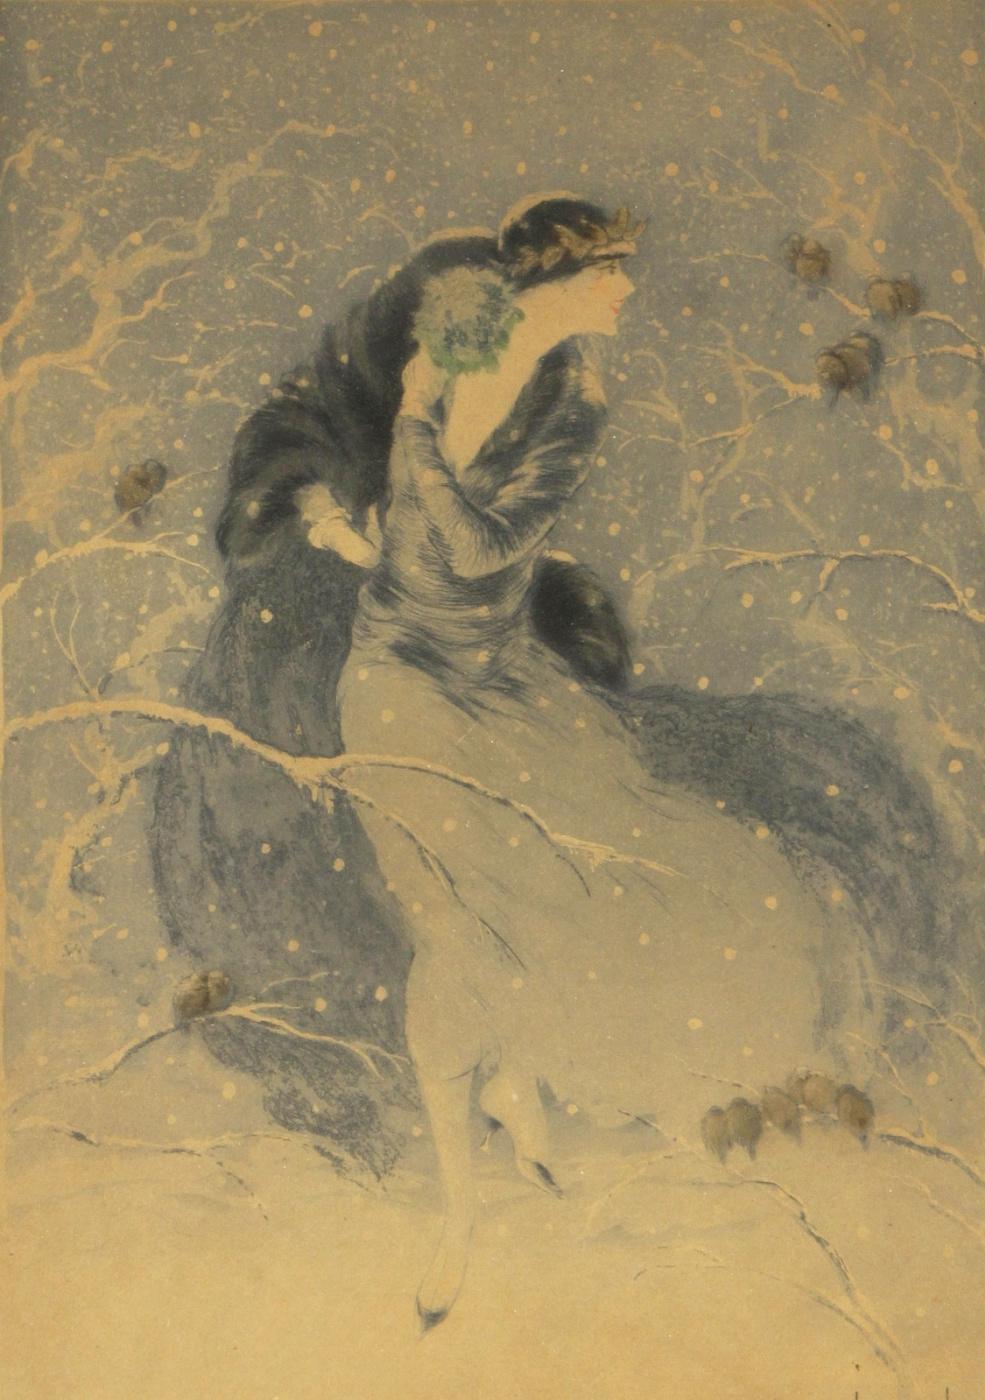 Icarus Louis France 1888 - 1950. Winter bouquet. 1924